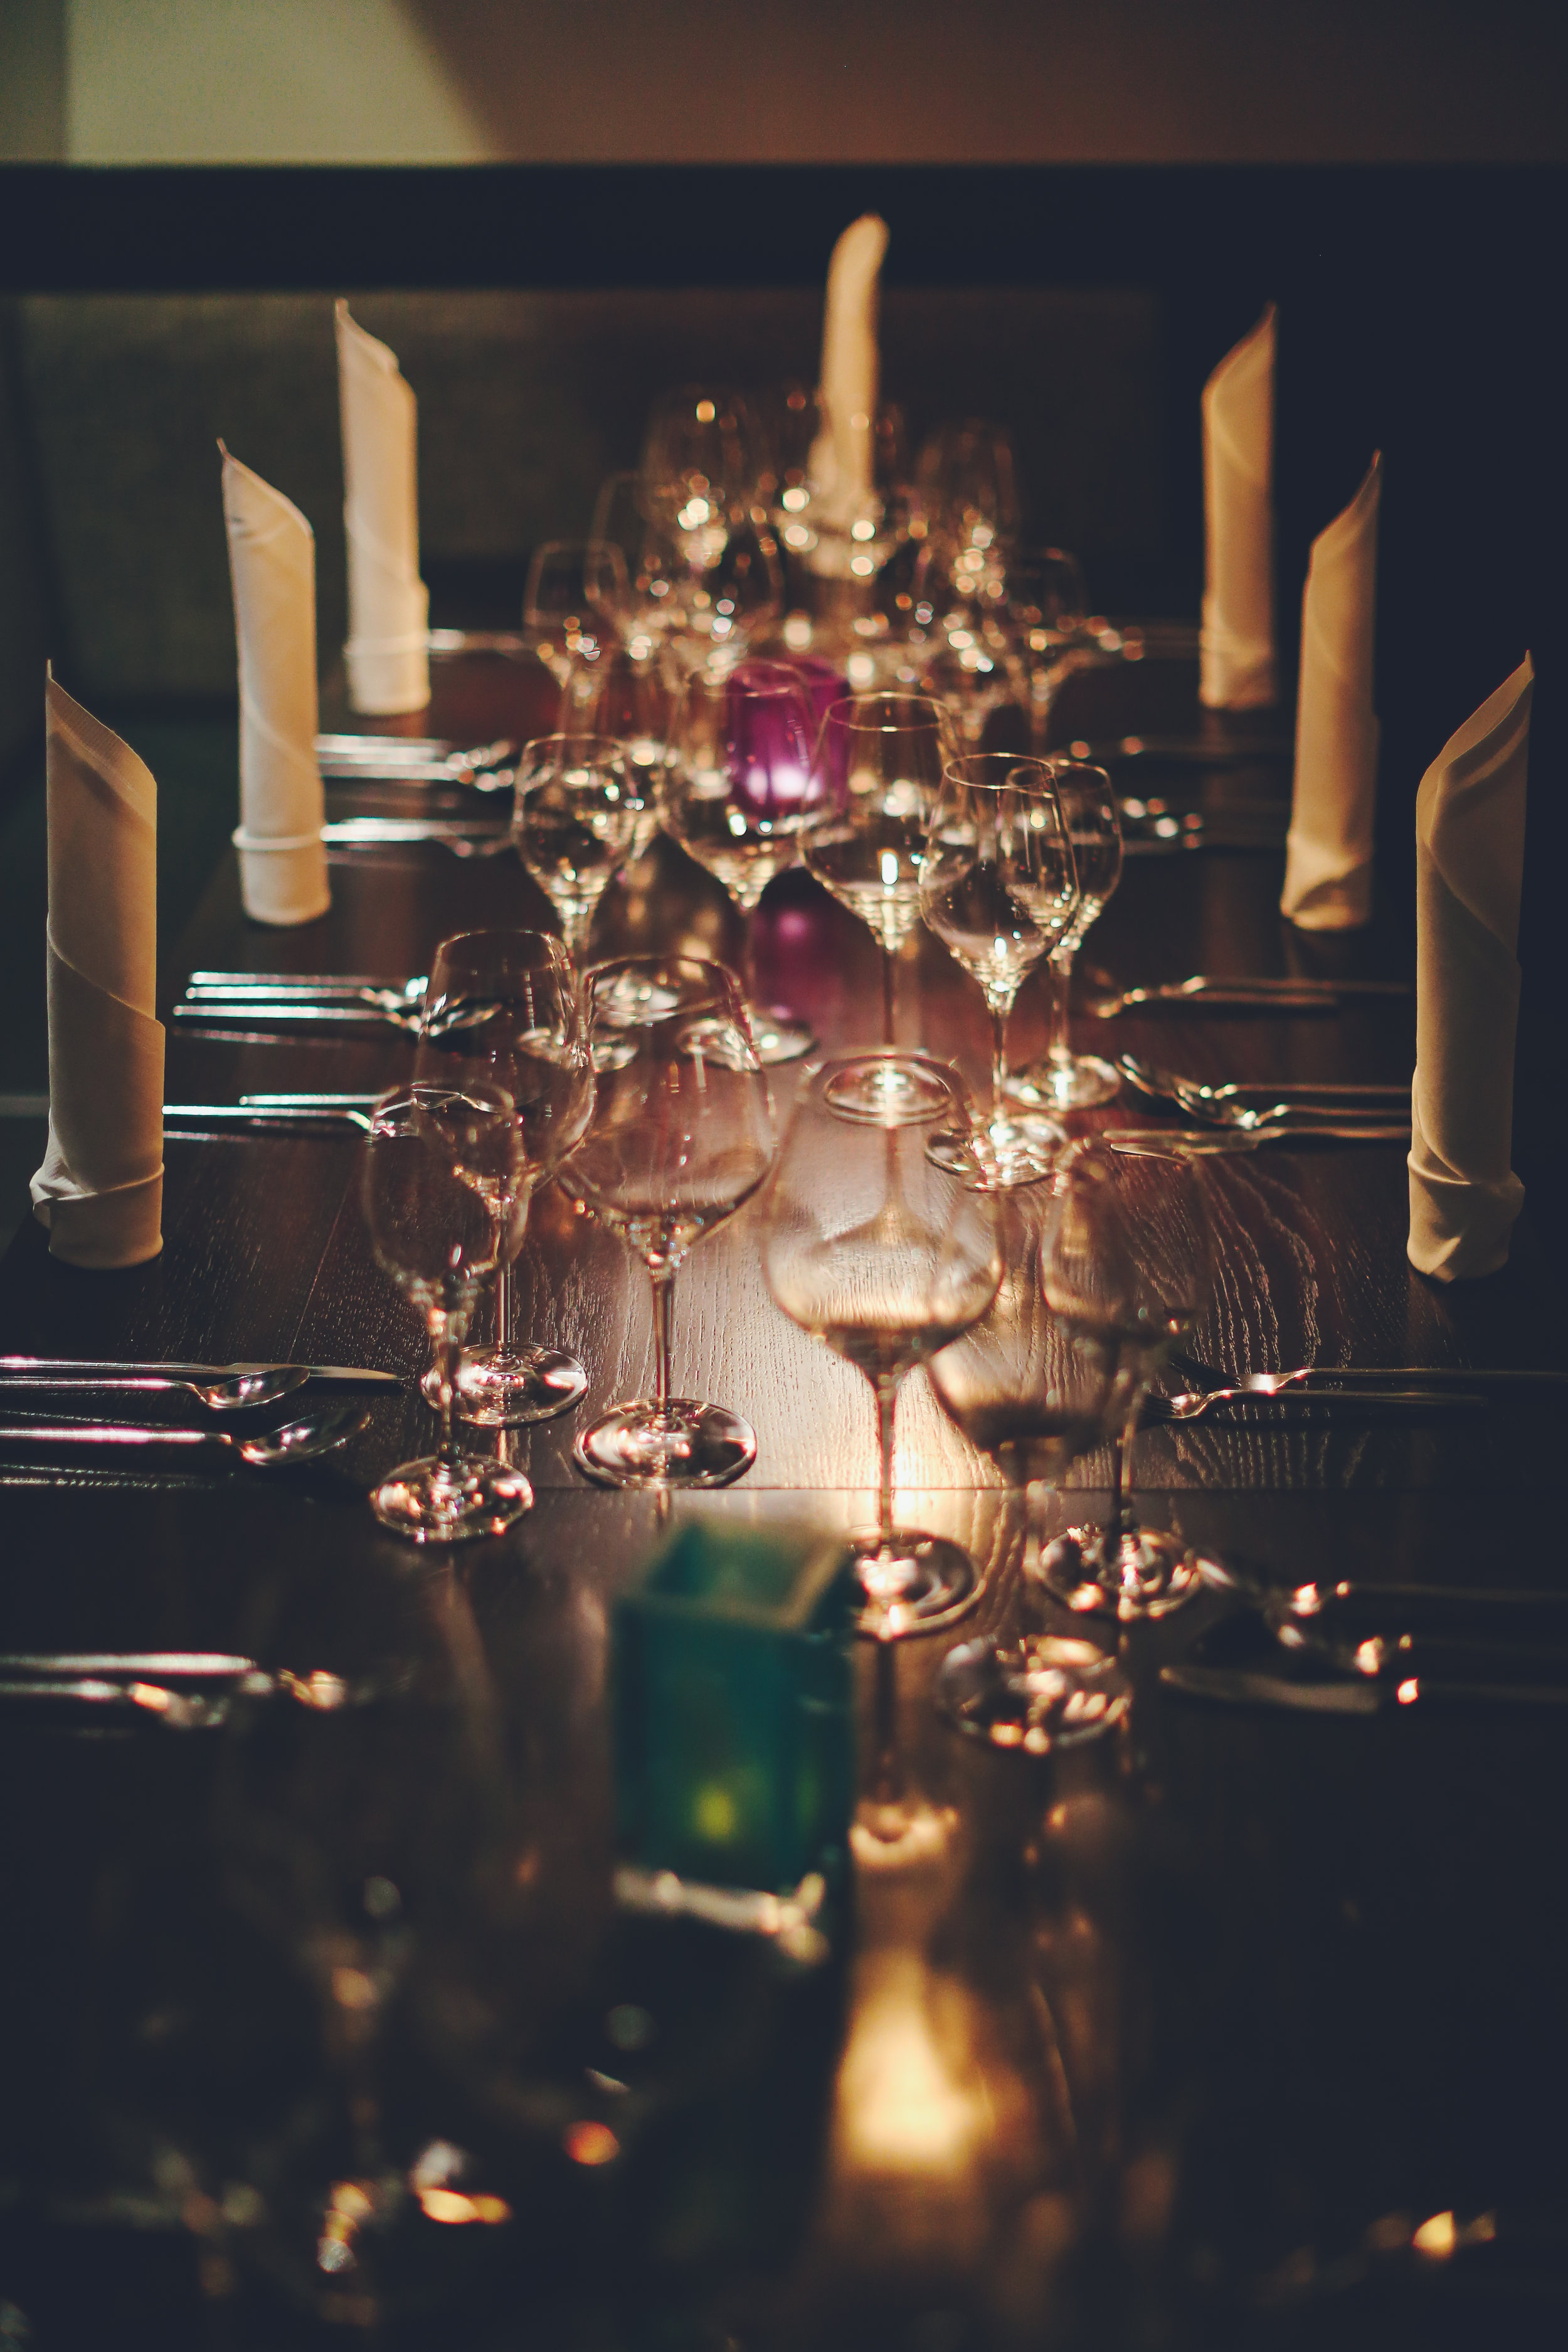 wijn-spijsevents - Heerlijke gerechten, mooie bijpassende wijnen, lange tafels vol met gezellige en bourgondische mensen, dat zijn de ingrediënten van de wijn-spijsevents van Cecile.wine.Meerdere keren per jaar organiseer ik in samenwerking met speciaal geselecteerde restaurants een wijn-spijsavond. We kiezen telkens voor een thema en serveren dan een mooi menu met bijpassende wijnen.Houd de agenda in de gaten en mis geen enkel event!